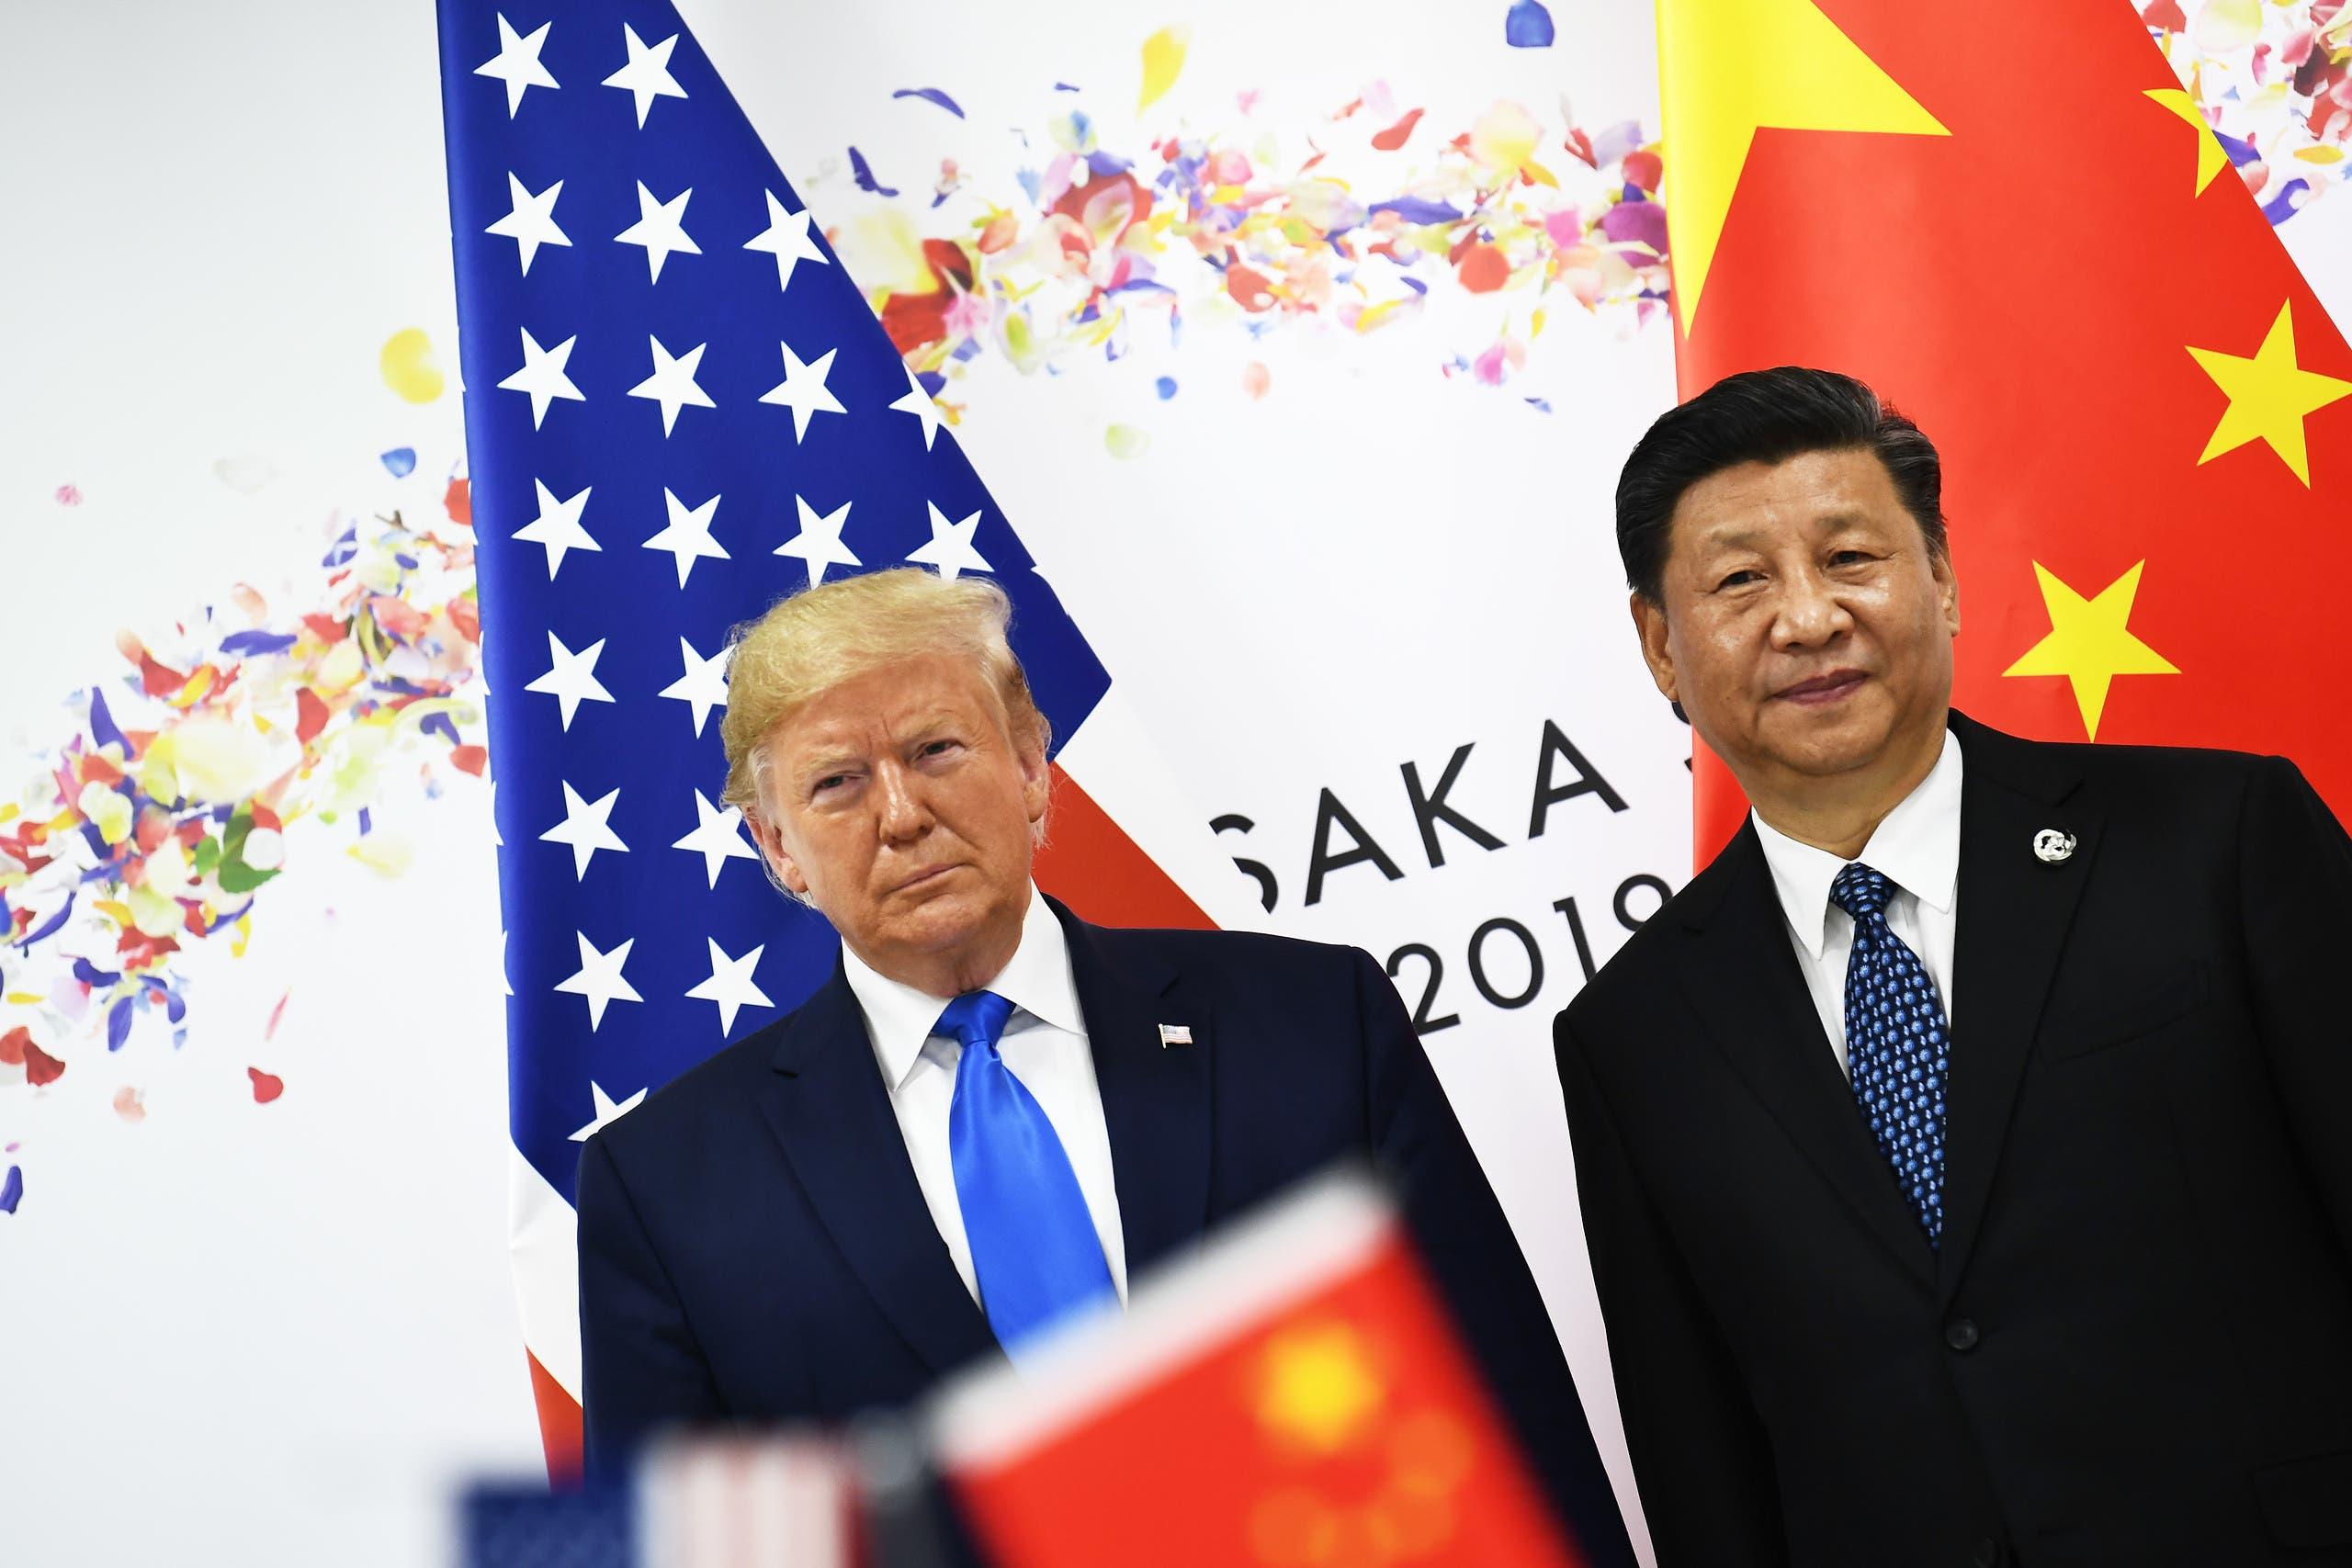 الرئيسان الصيني والأميركي (أرشيفية- فرانس برس)